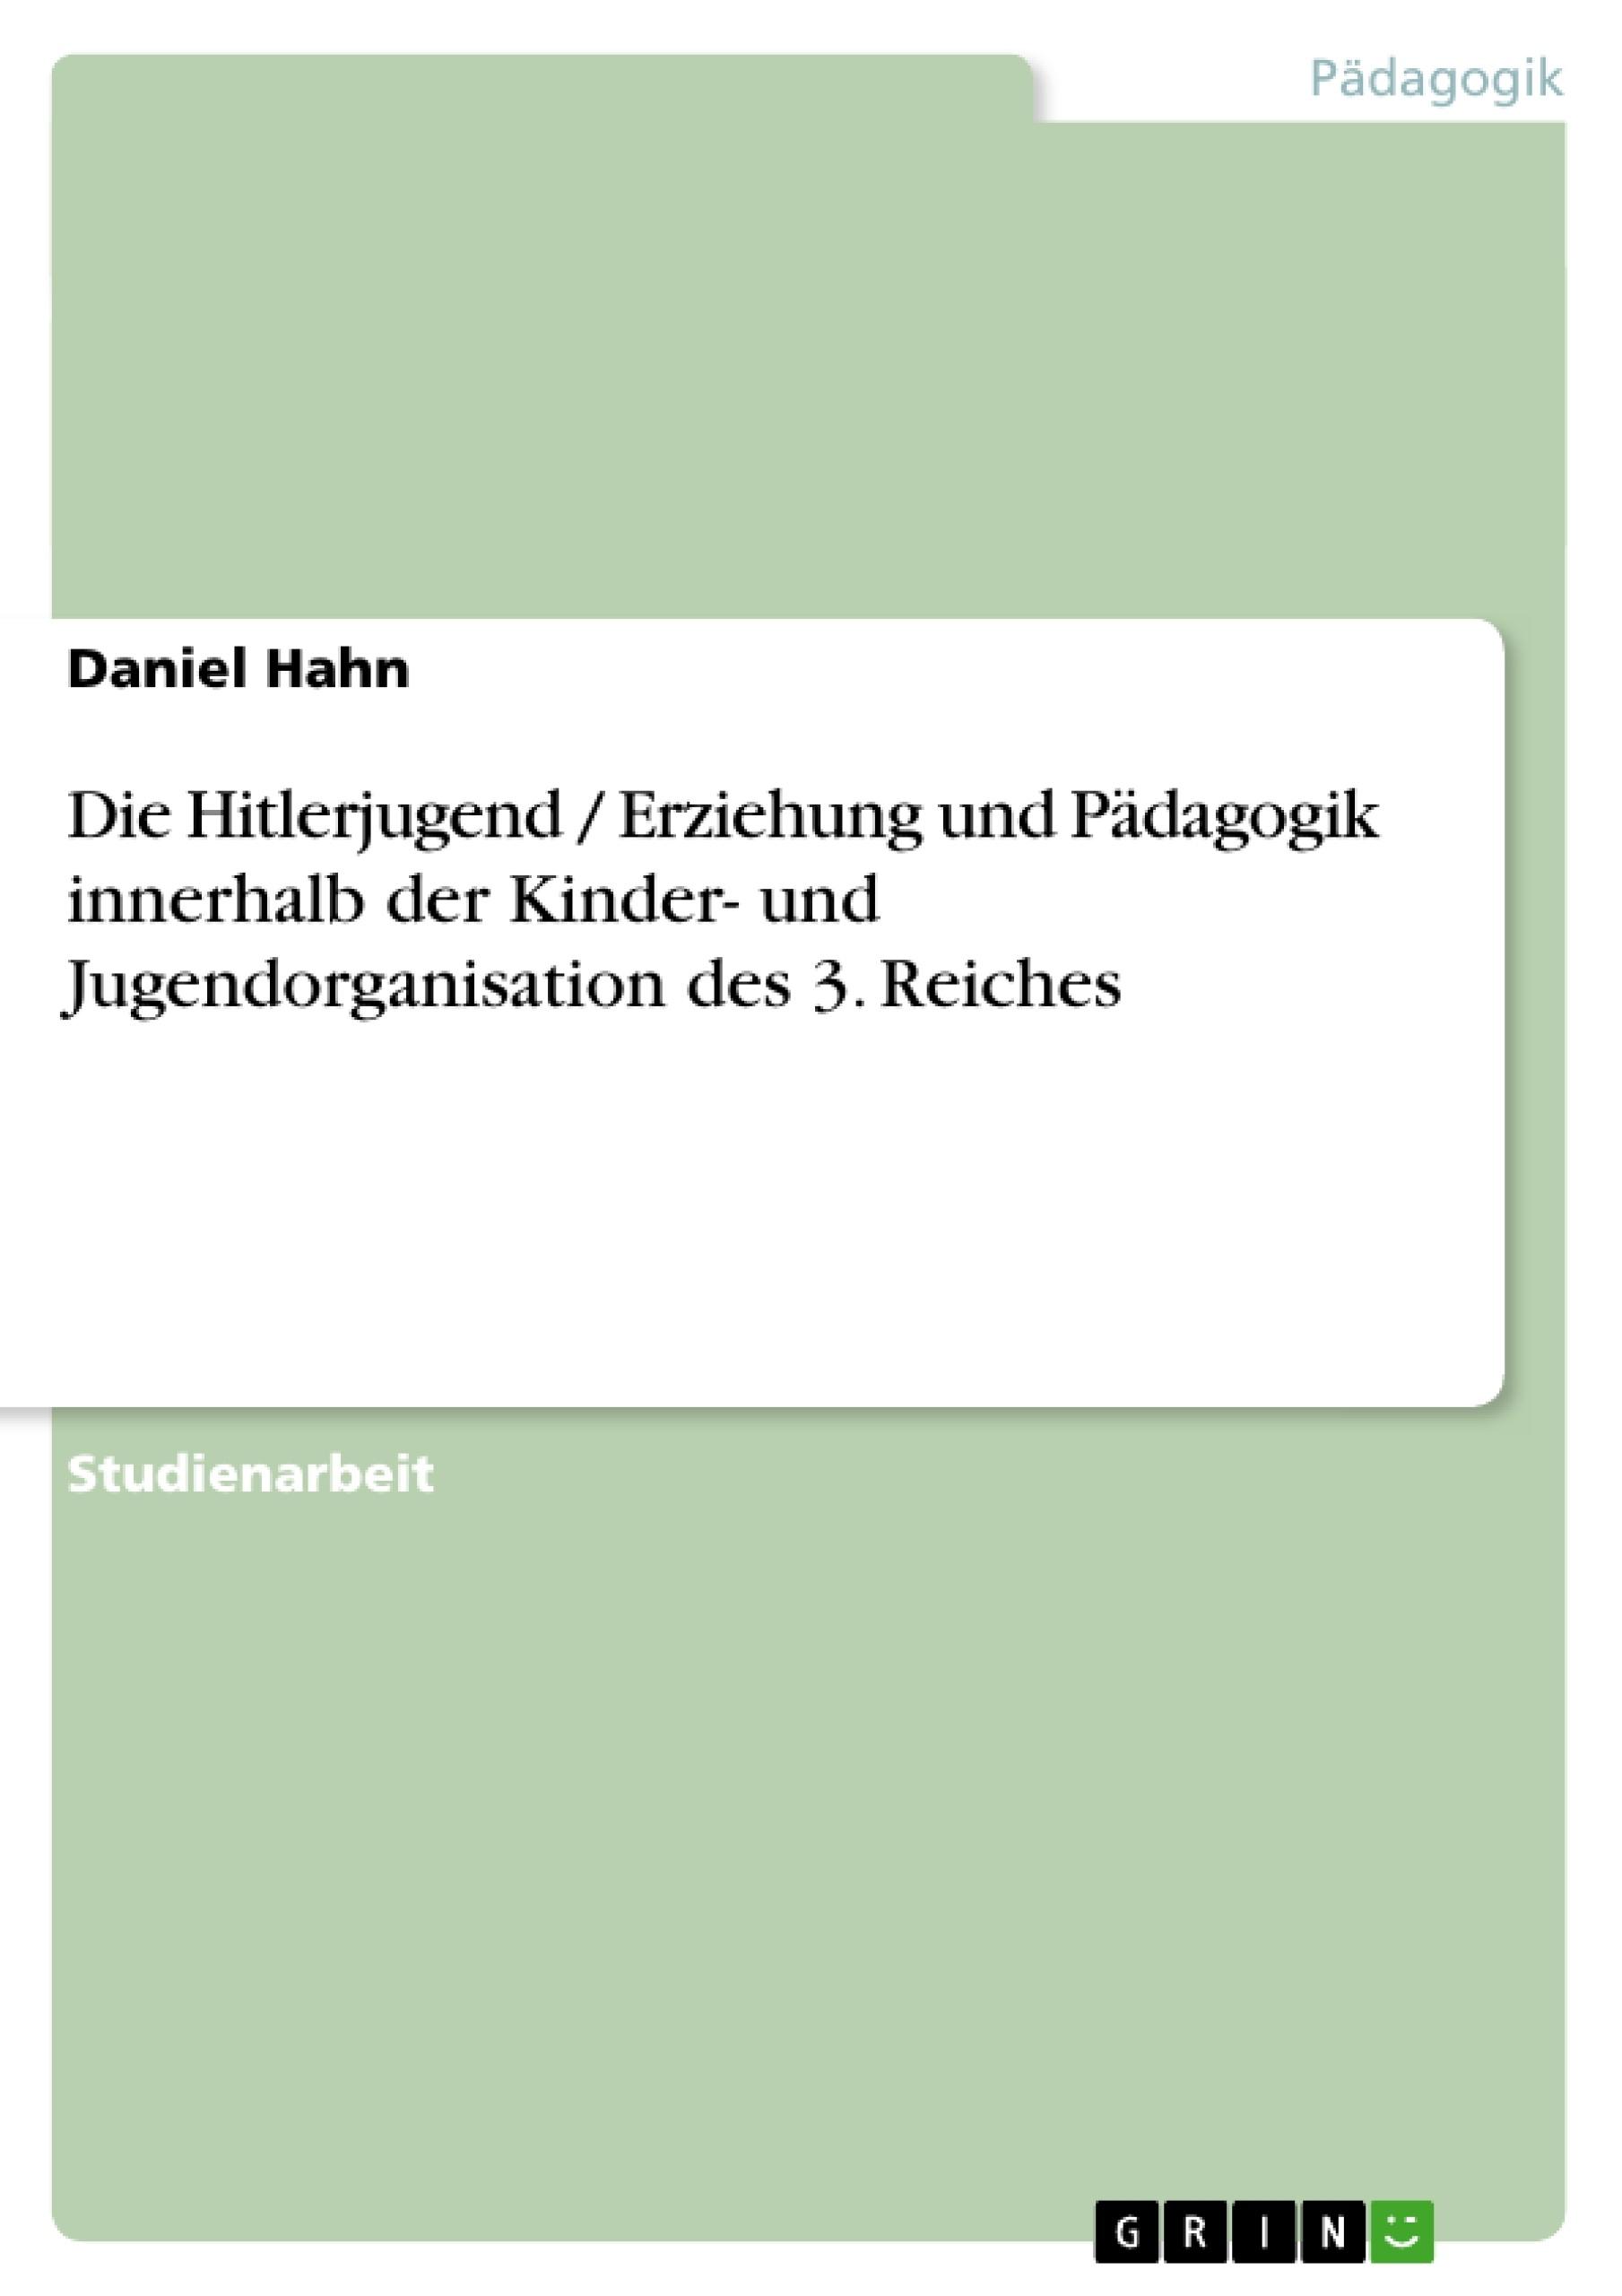 Titel: Die Hitlerjugend / Erziehung und Pädagogik innerhalb der Kinder- und Jugendorganisation des 3. Reiches